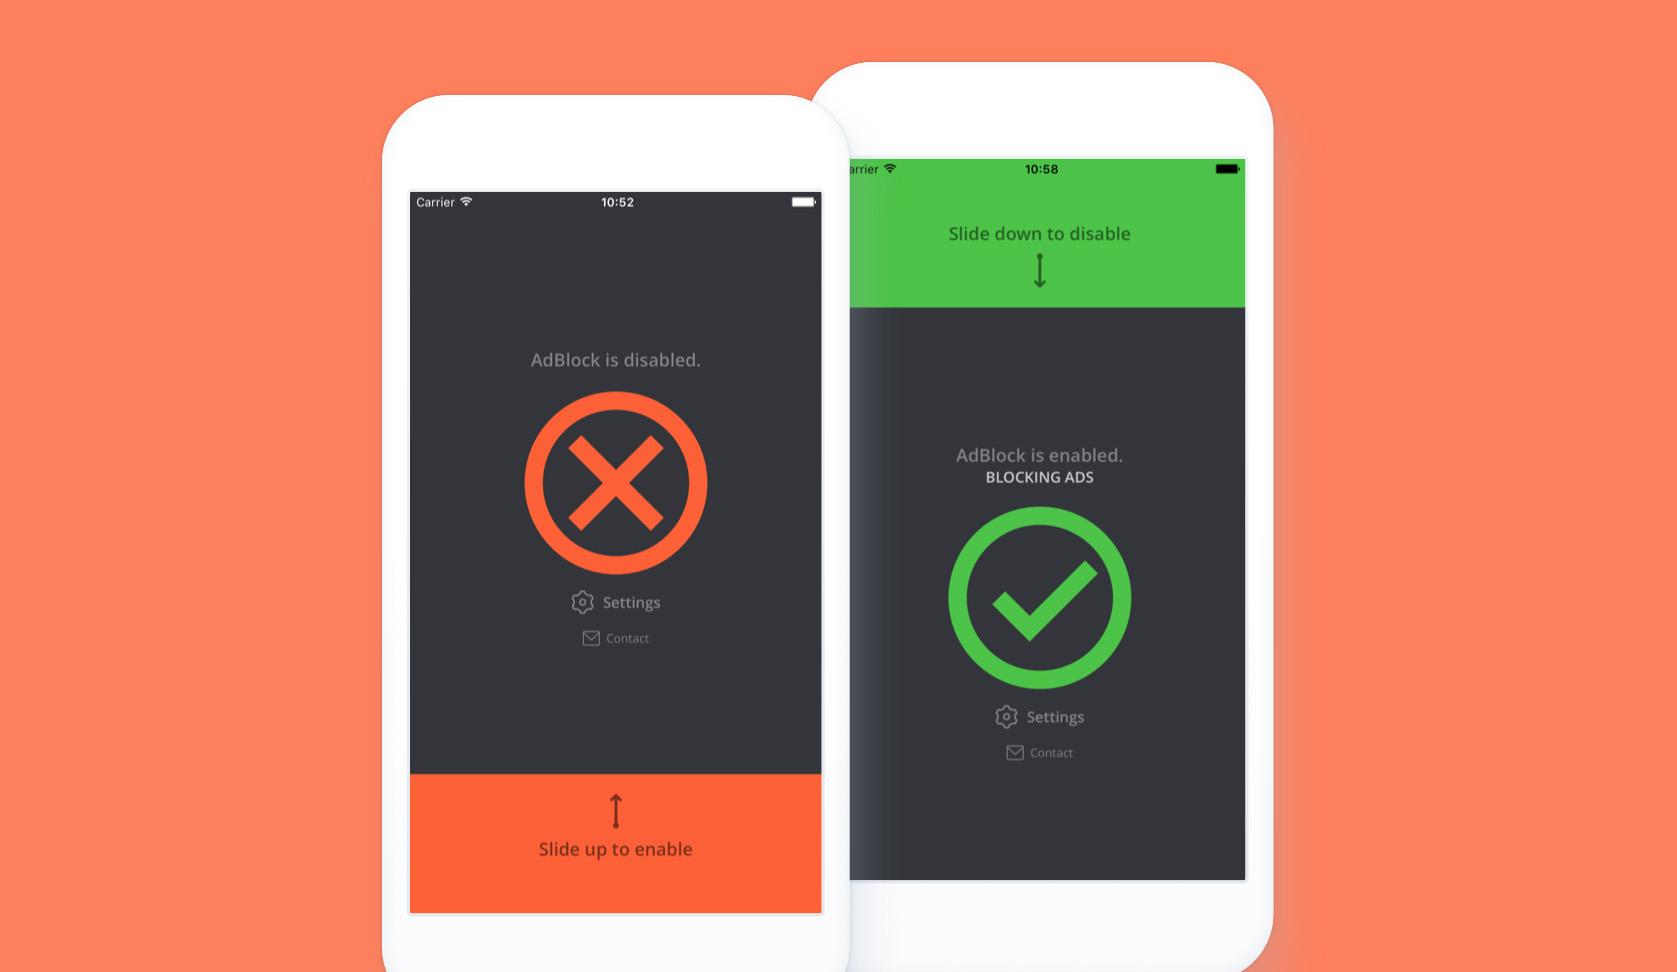 Apper som tukler med funksjonene i andre apper er ikke lov i App Store, sier Apple.